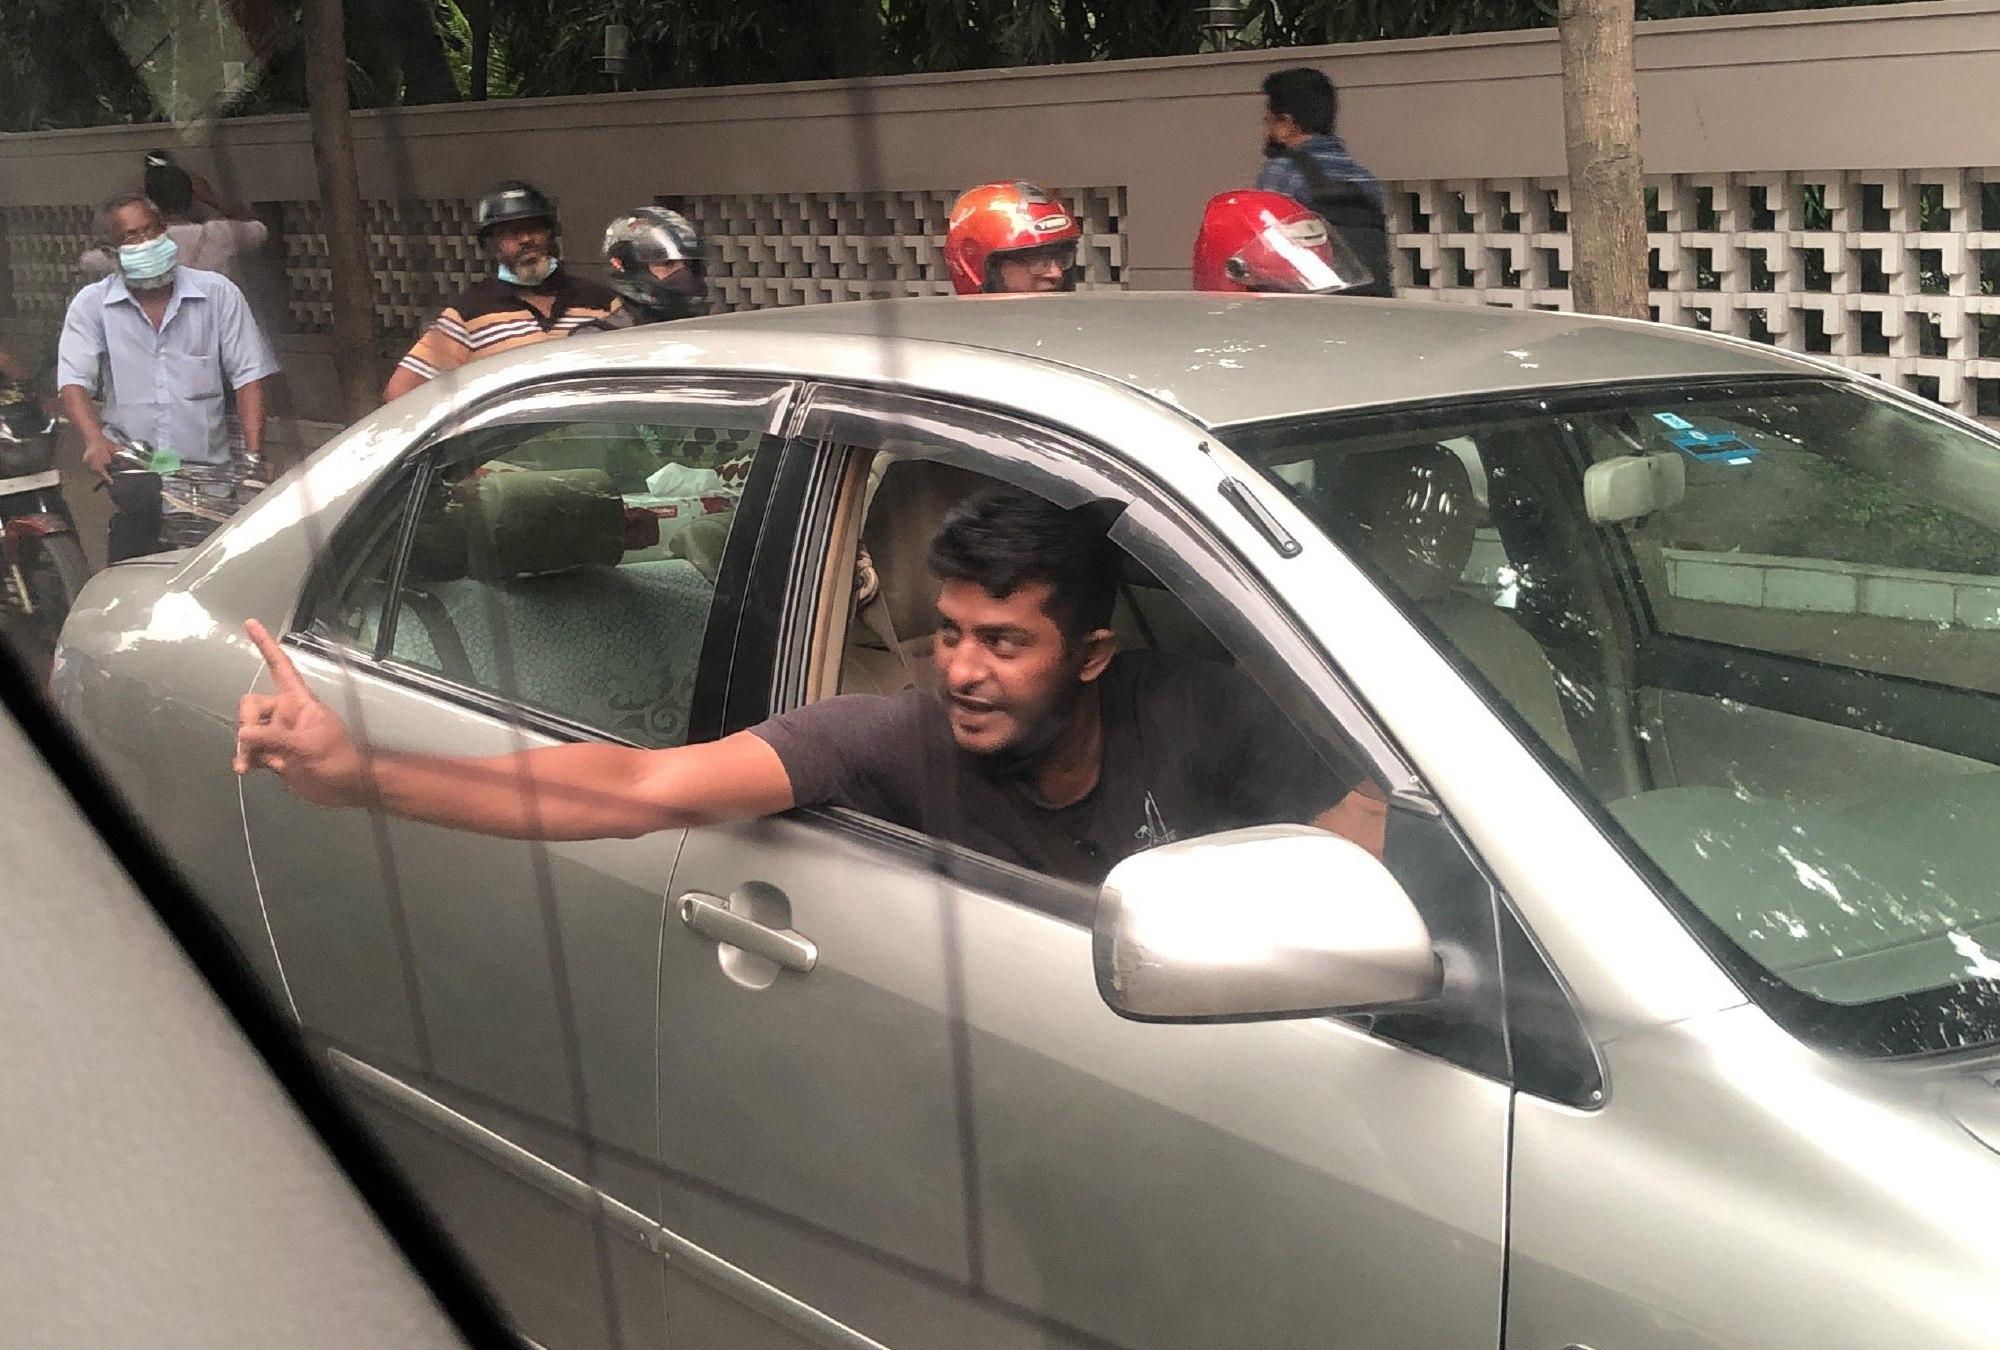 ダッカでよく見かける光景-路上で運転手同士が喧嘩-